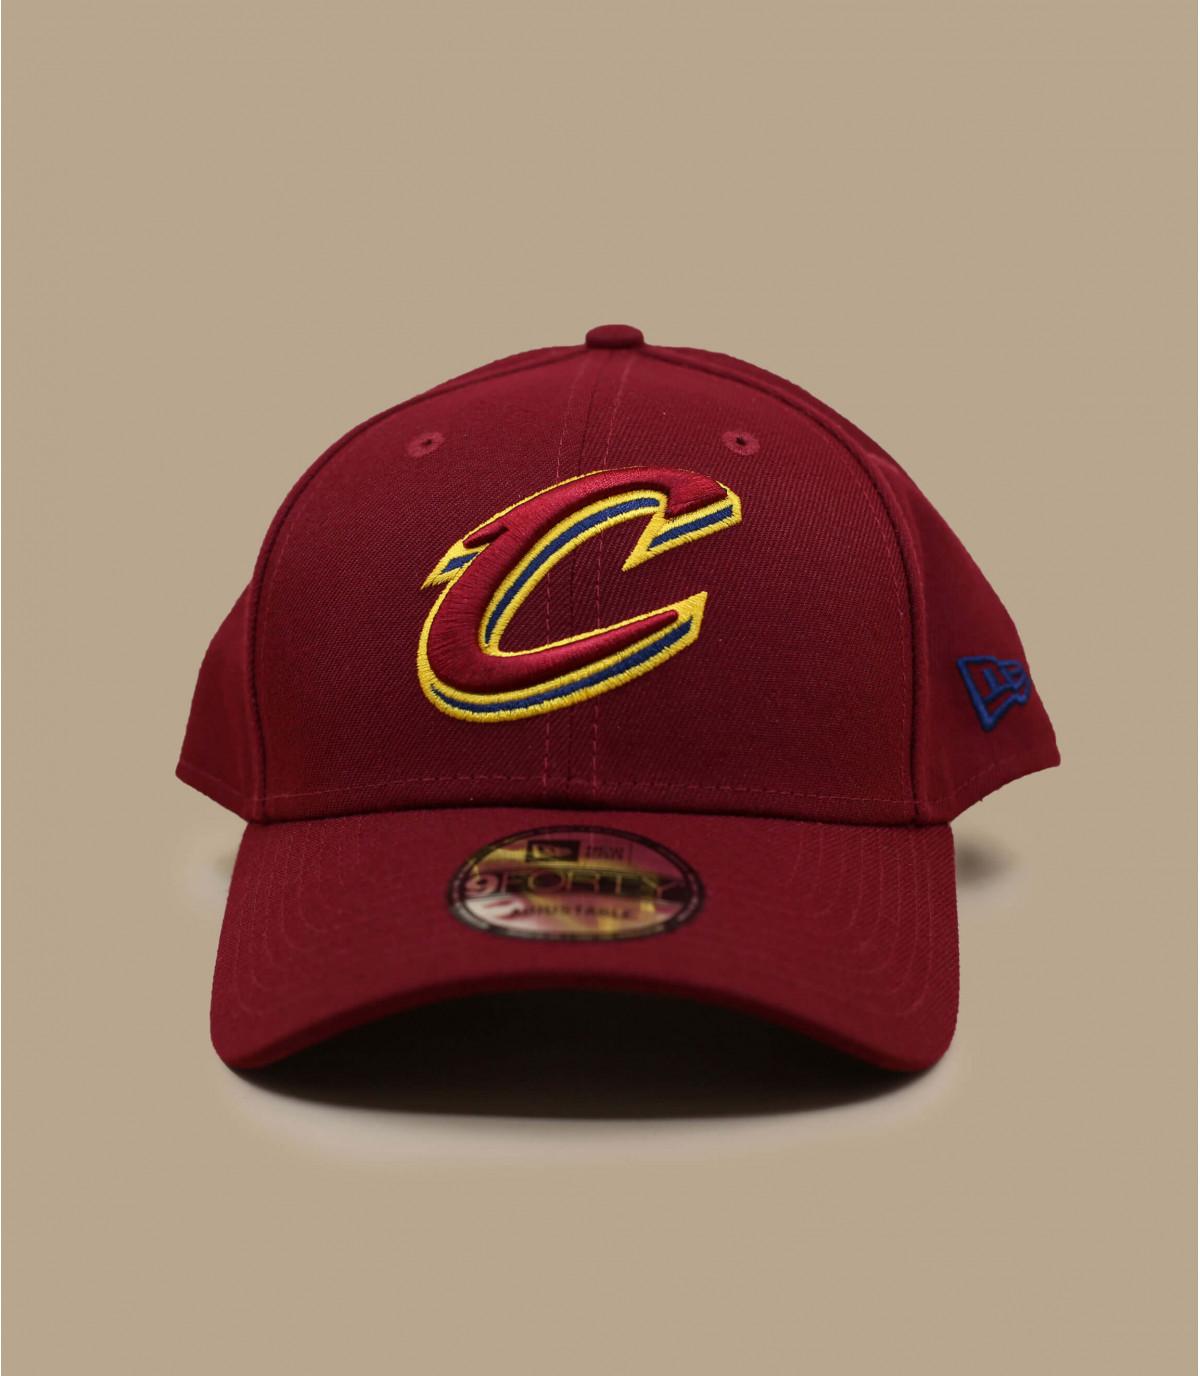 Details Cap Cleveland Cavaliers The League Team - afbeeling 2